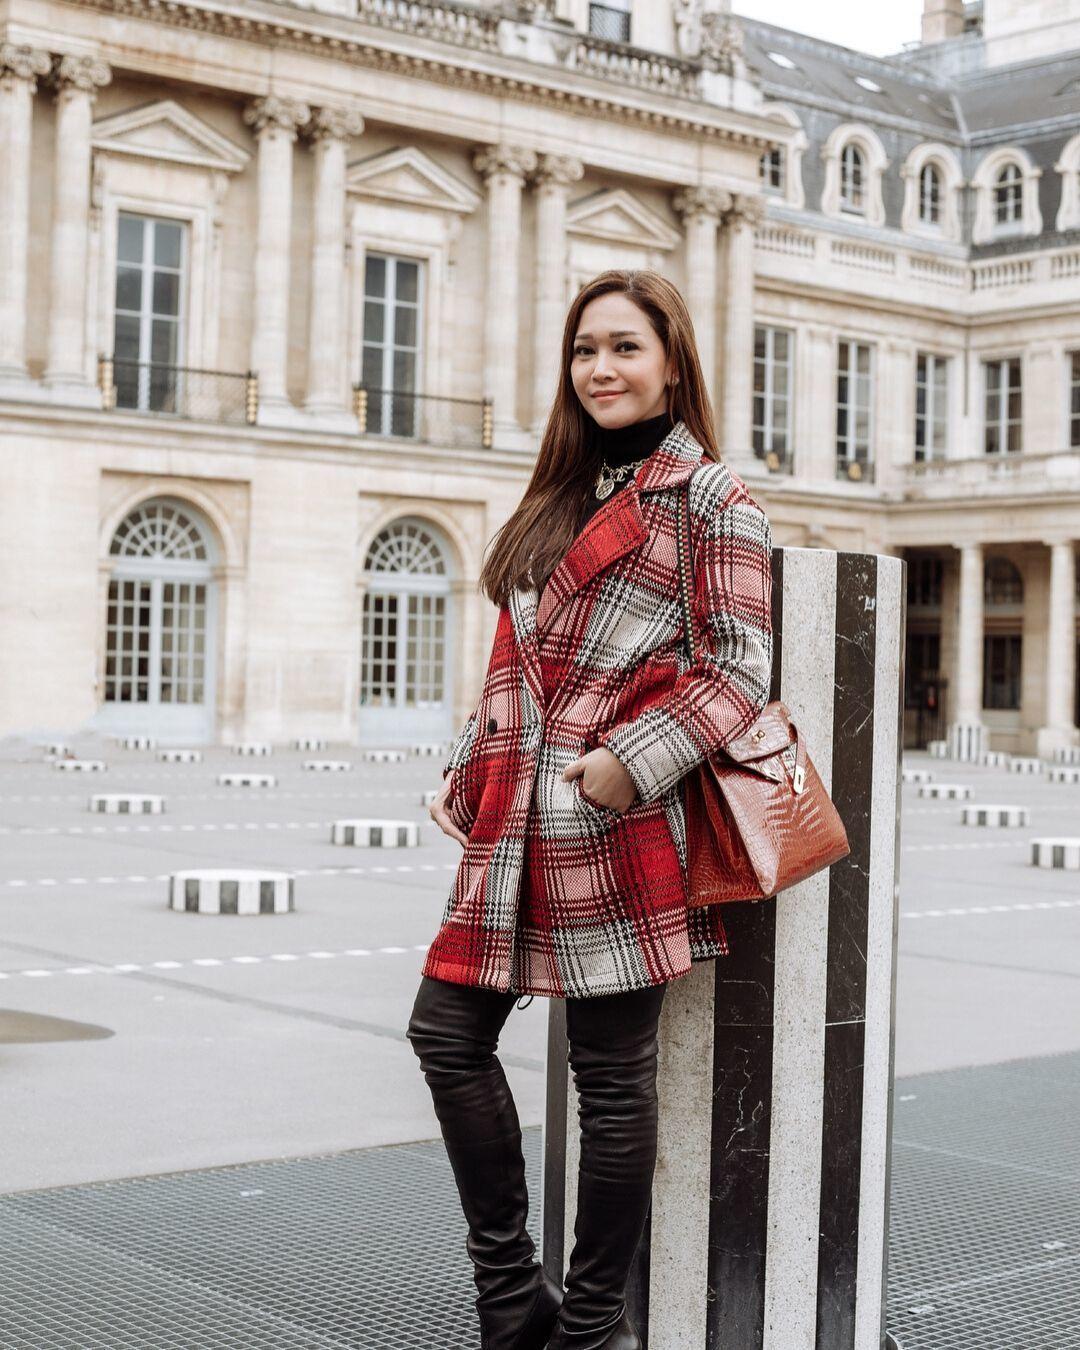 Jangan Kaget! Ini Harga Tas Hermès Termahal Milik Artis Indonesia